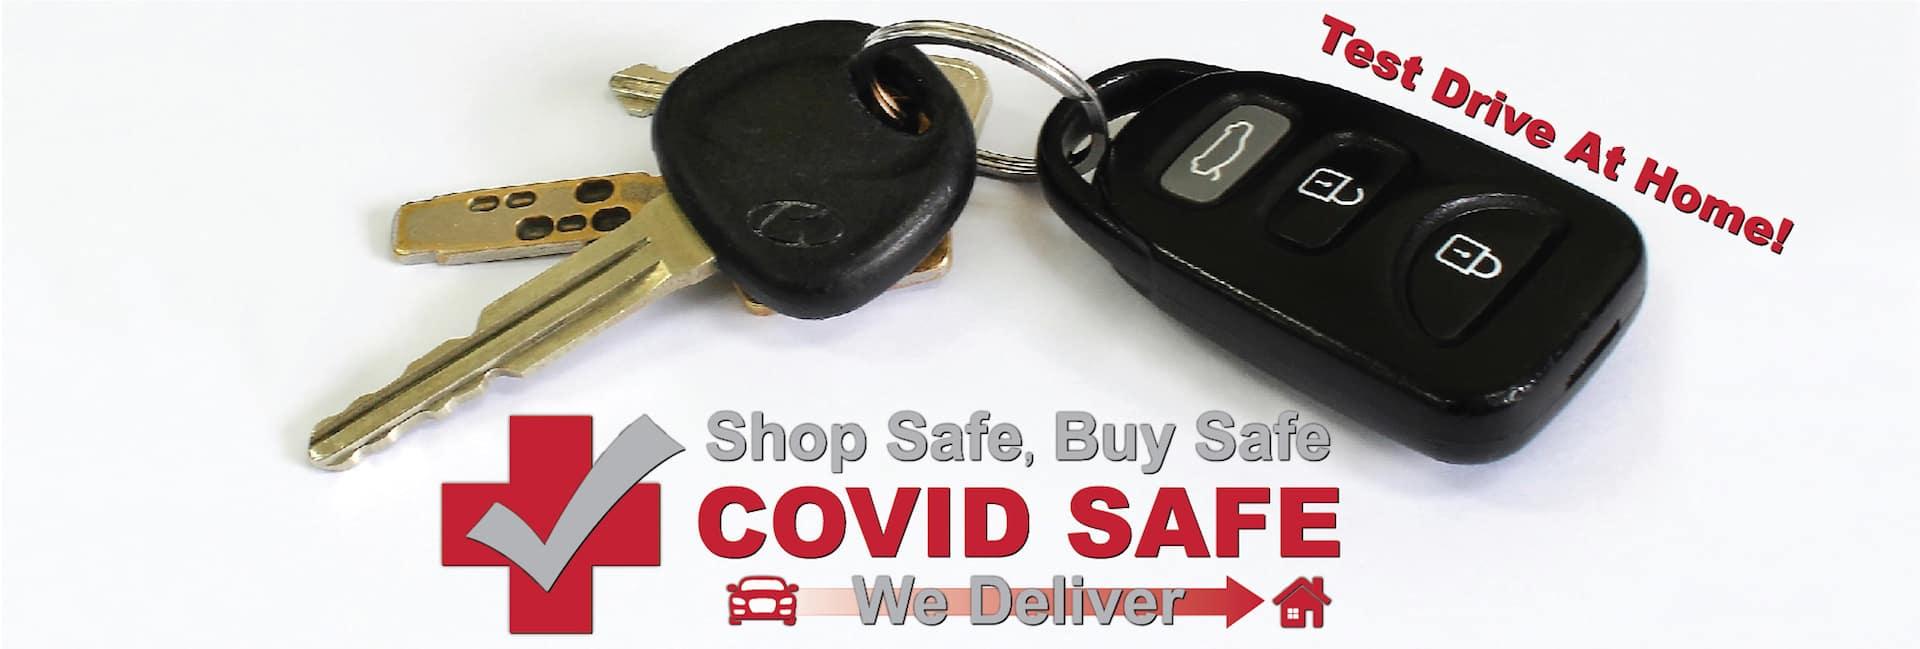 FMN_Shop Safe, Buy Safe_Website Banner